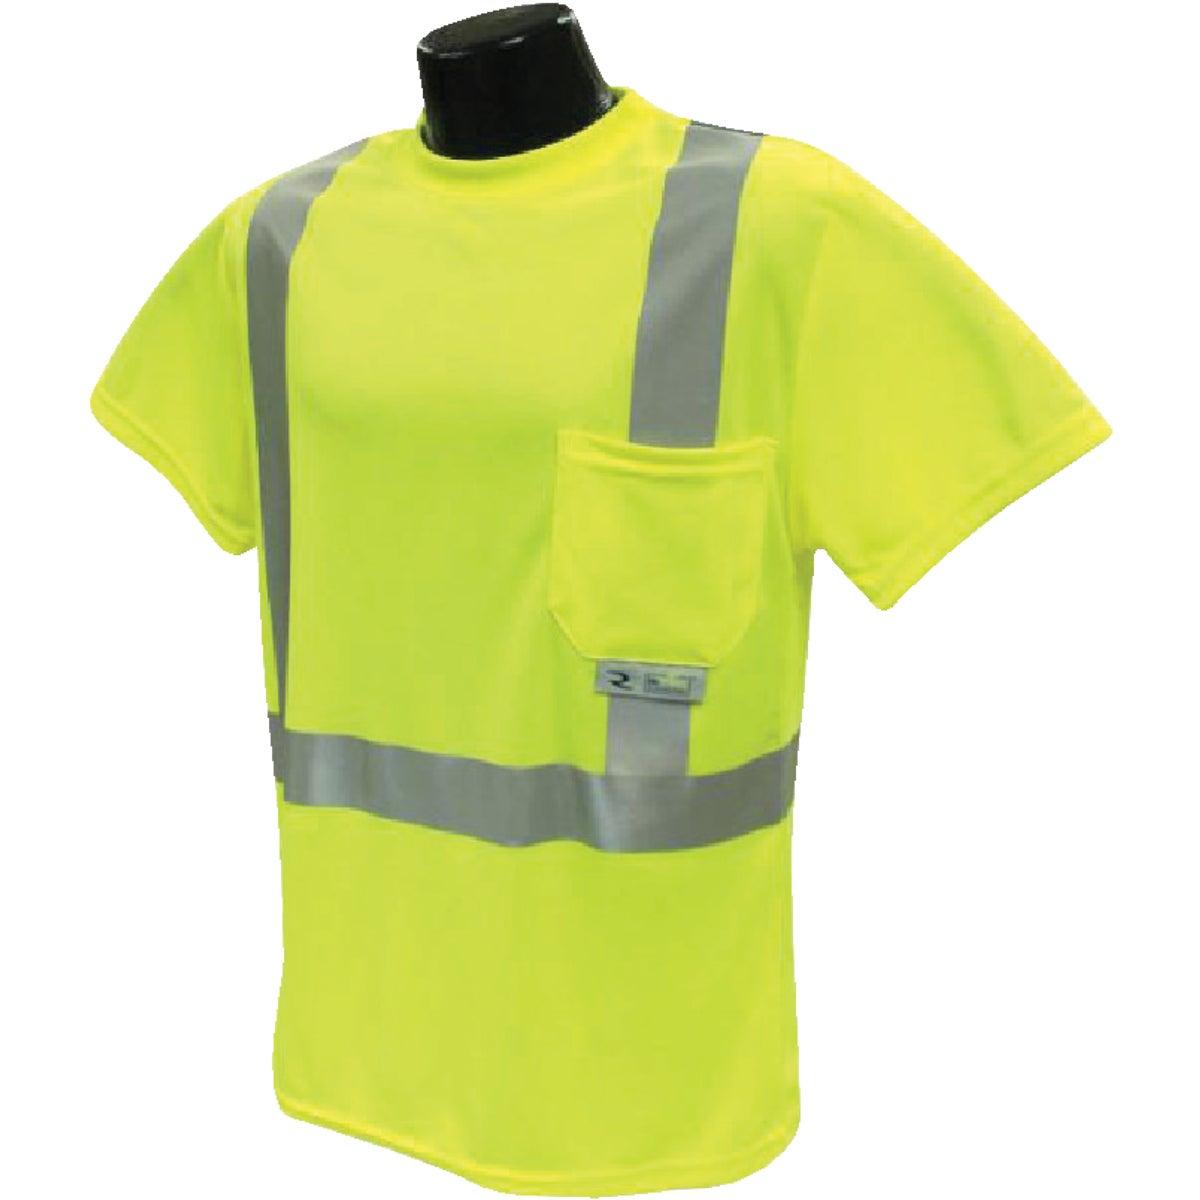 Class 2 T-Shirt 2Xl